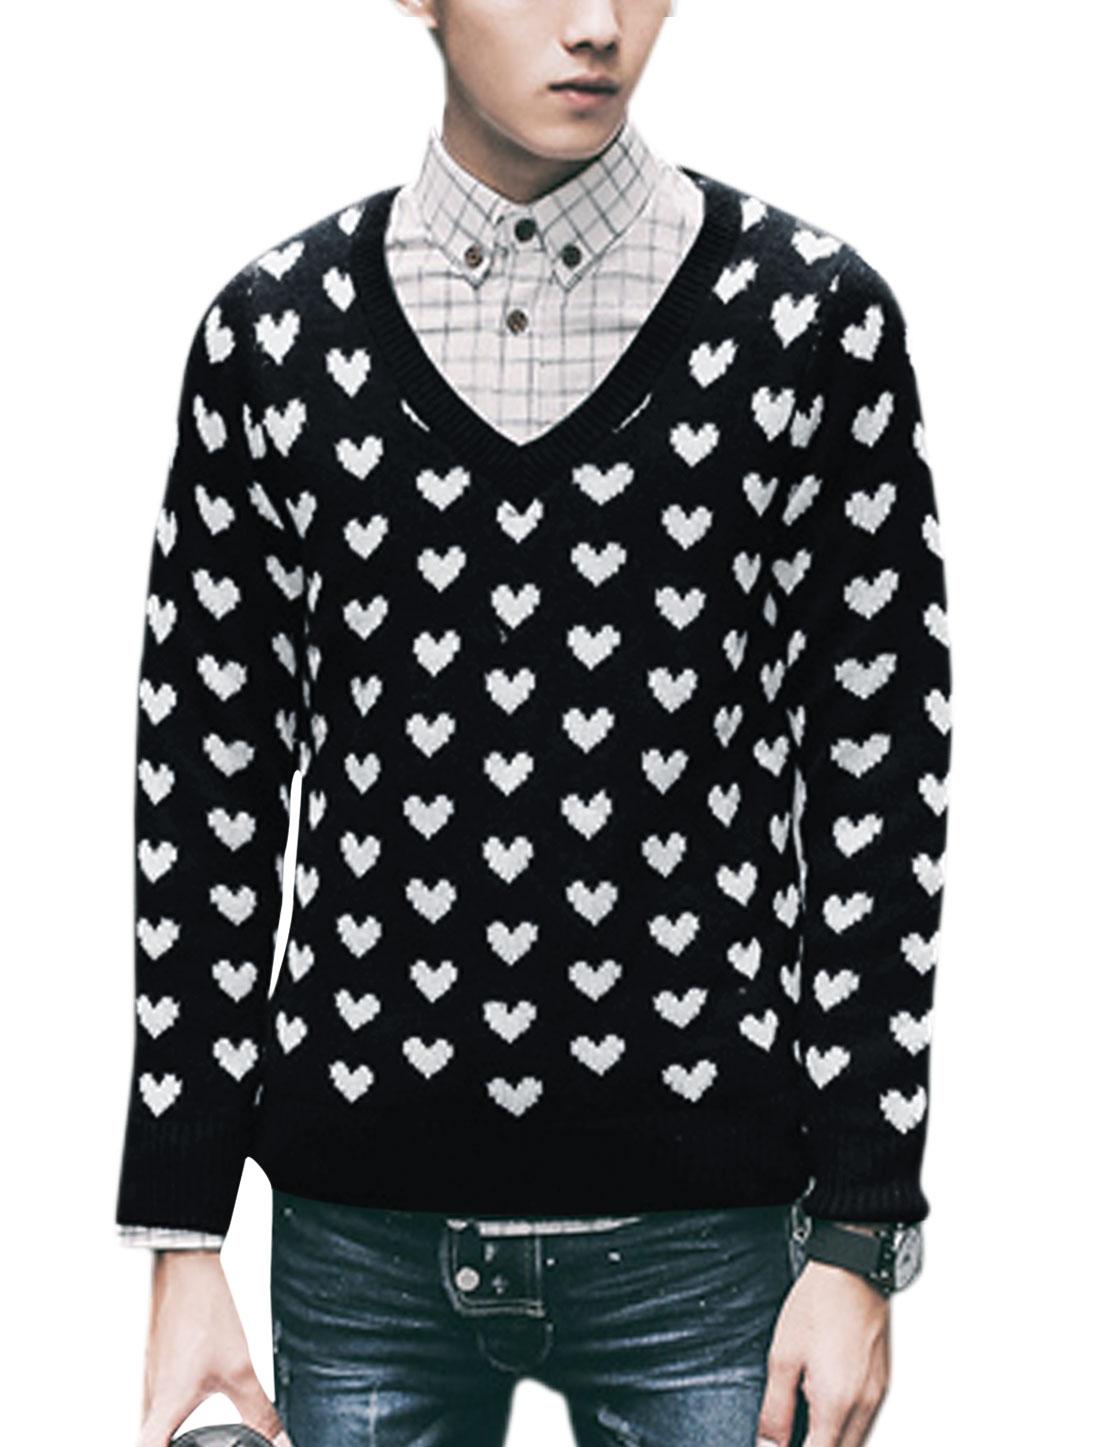 Men Slipover Long Sleeve V Neck Heart Print Knit Shirt Black M